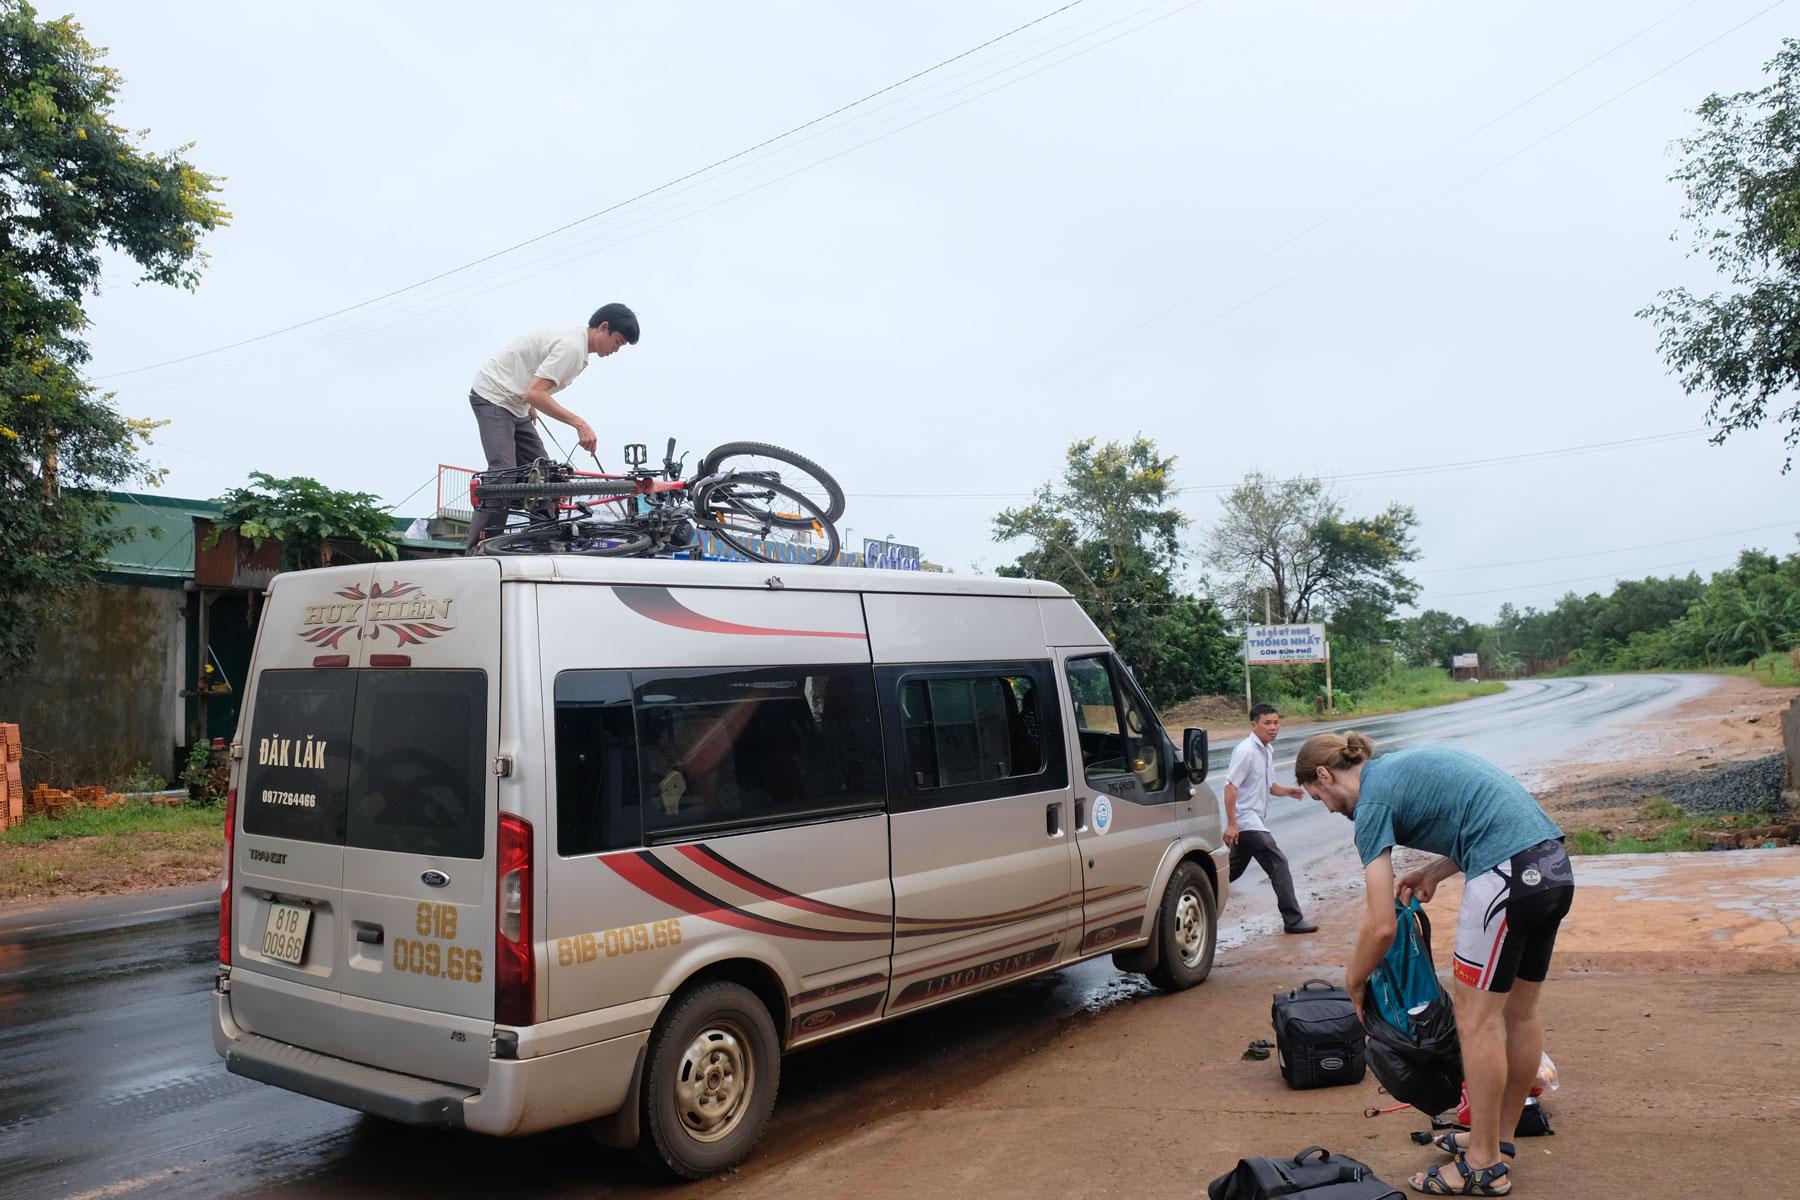 Ein Mann bindet unsere Fahrräder auf dem Busdach fest, Sebastian räumt unser Gepäck ins Innere des Busses.